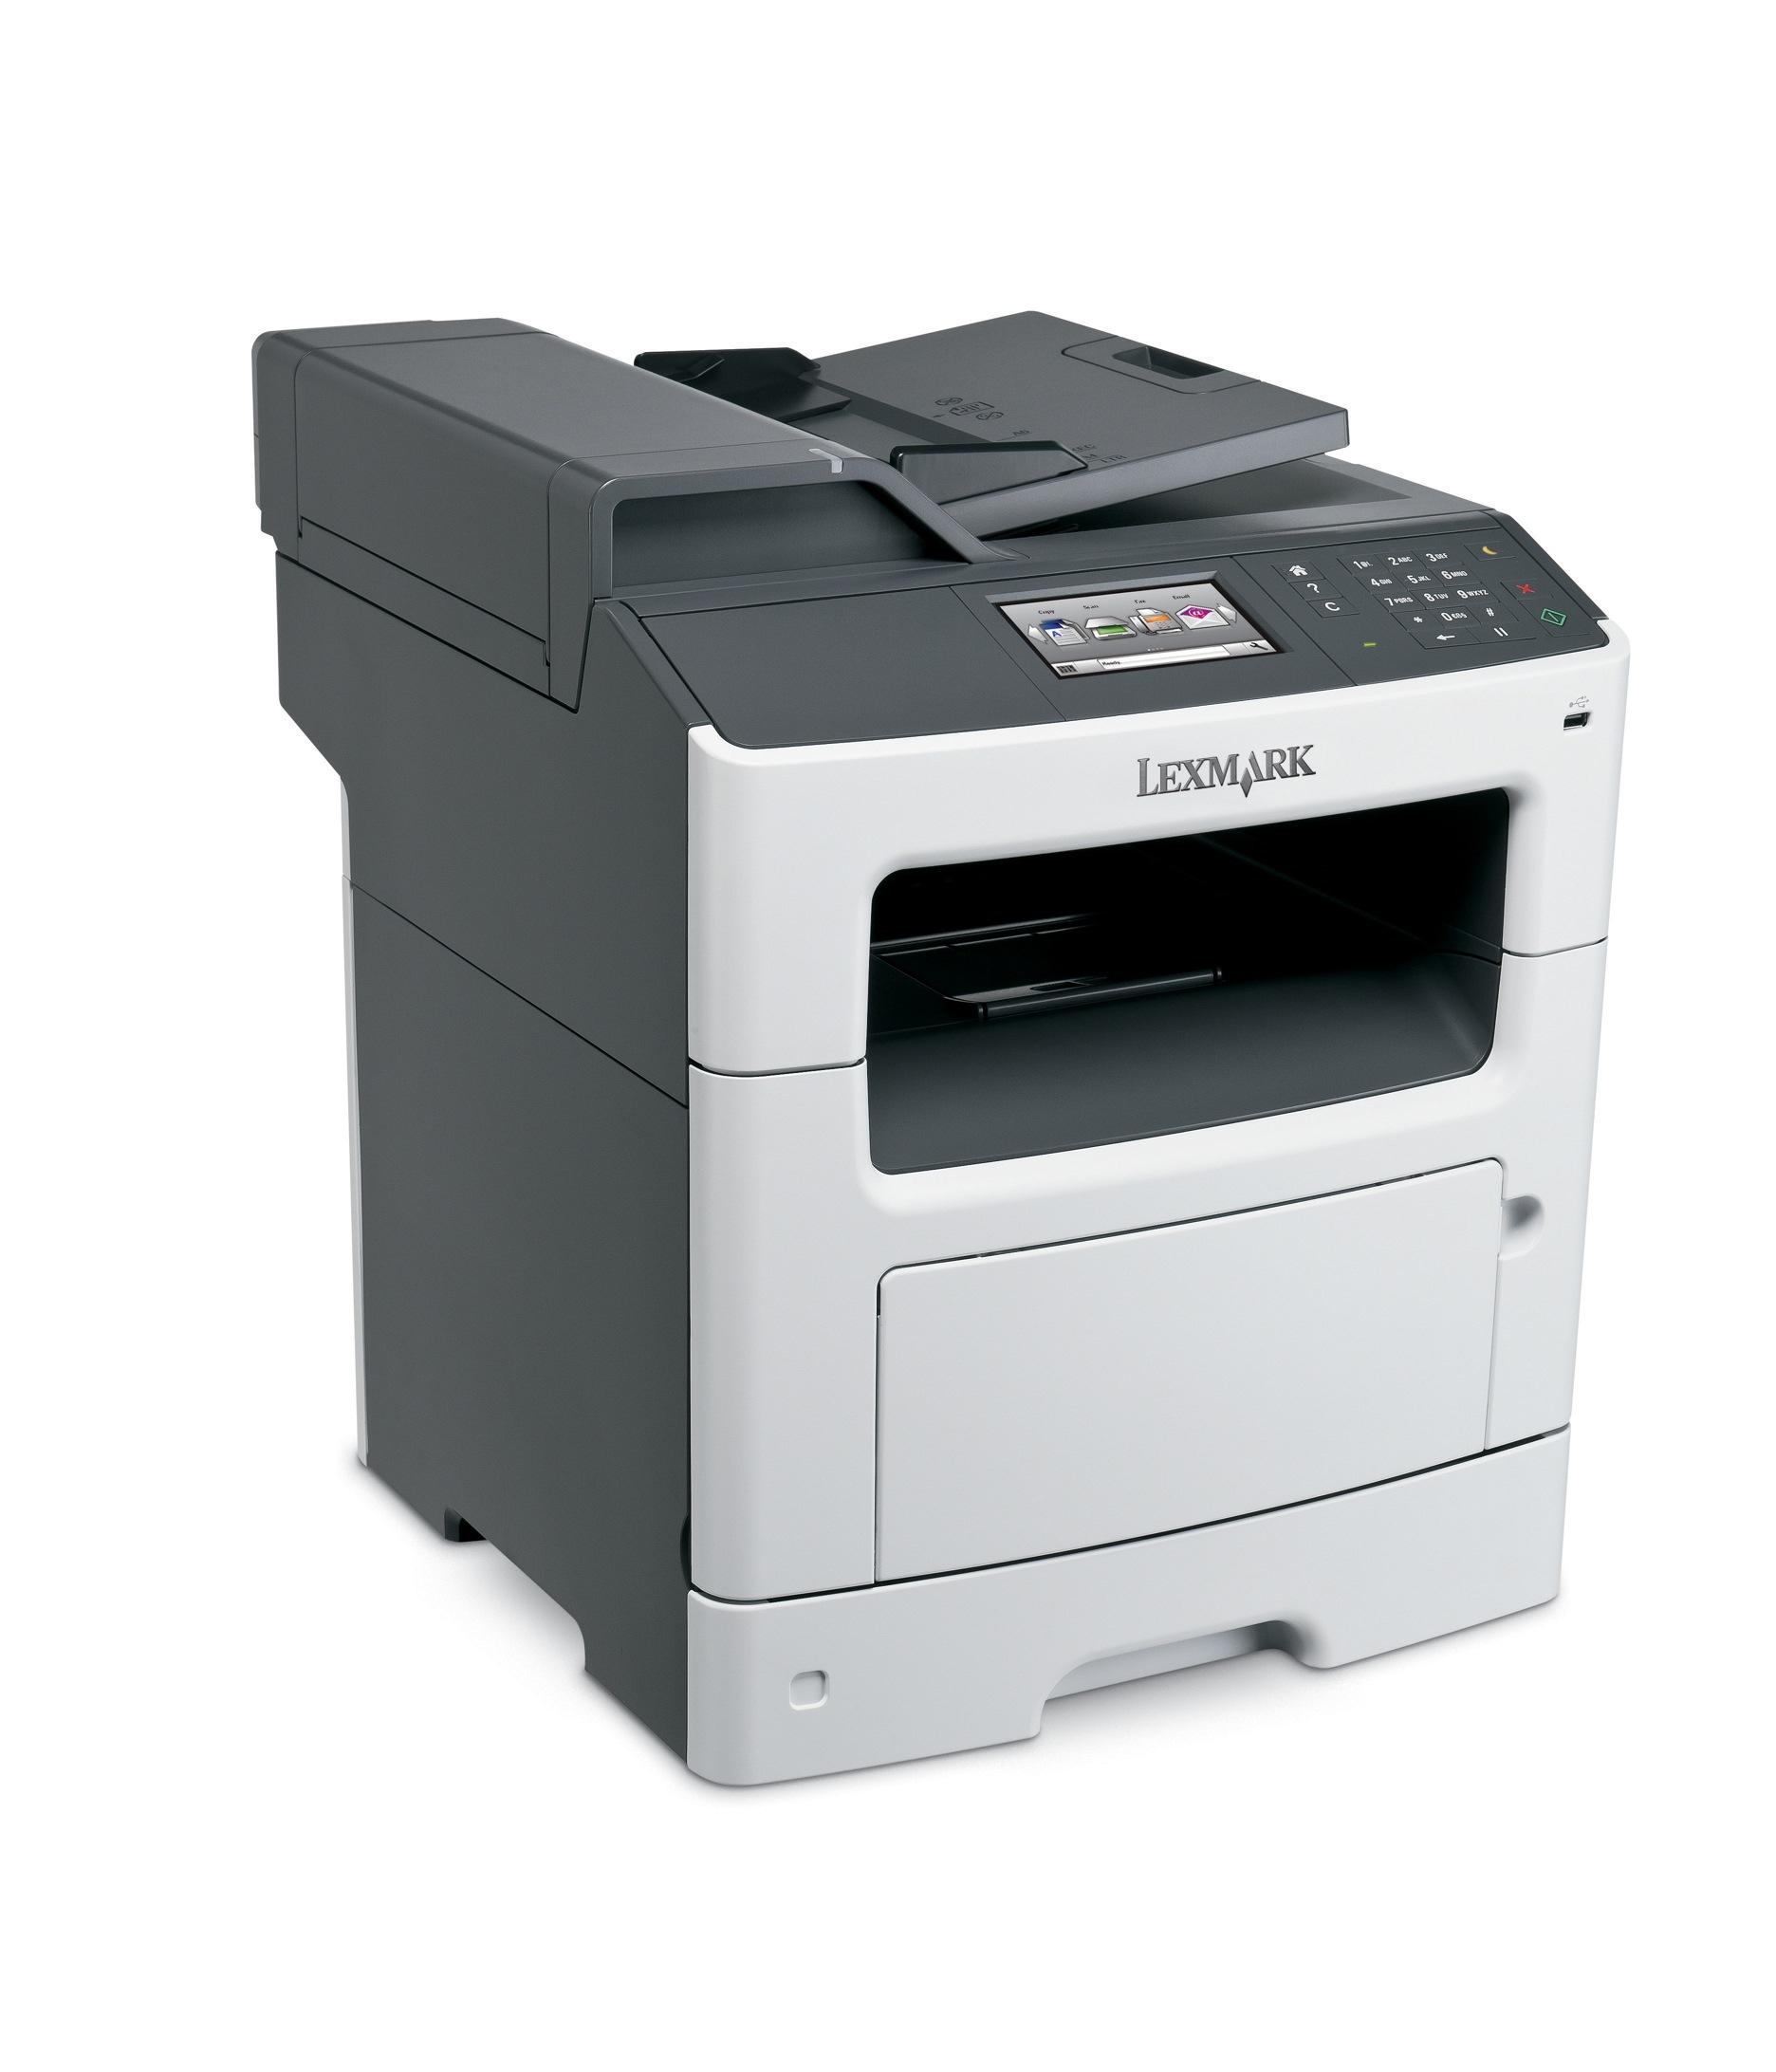 Lexmark MX410De mono laser MFP, 38 ppm, síť, duplex, RADF, fax, dotykový LCD